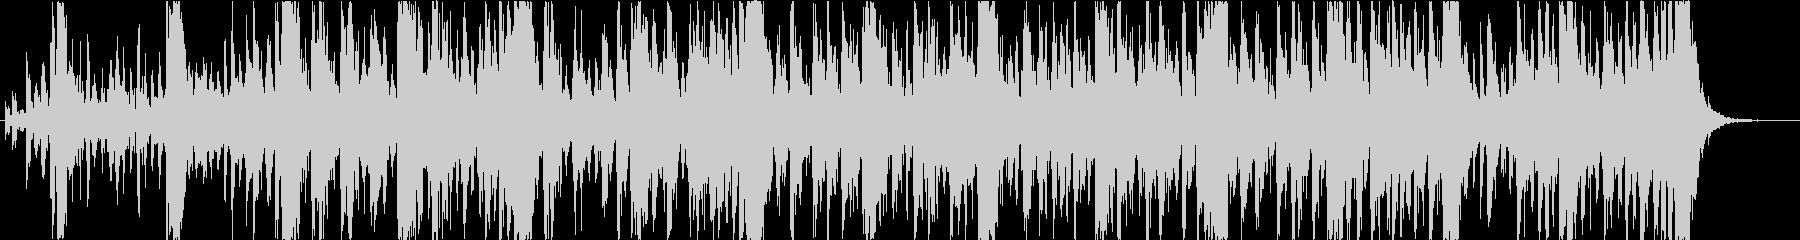 仁王・金剛力士をイメージした和太鼓と尺八の未再生の波形